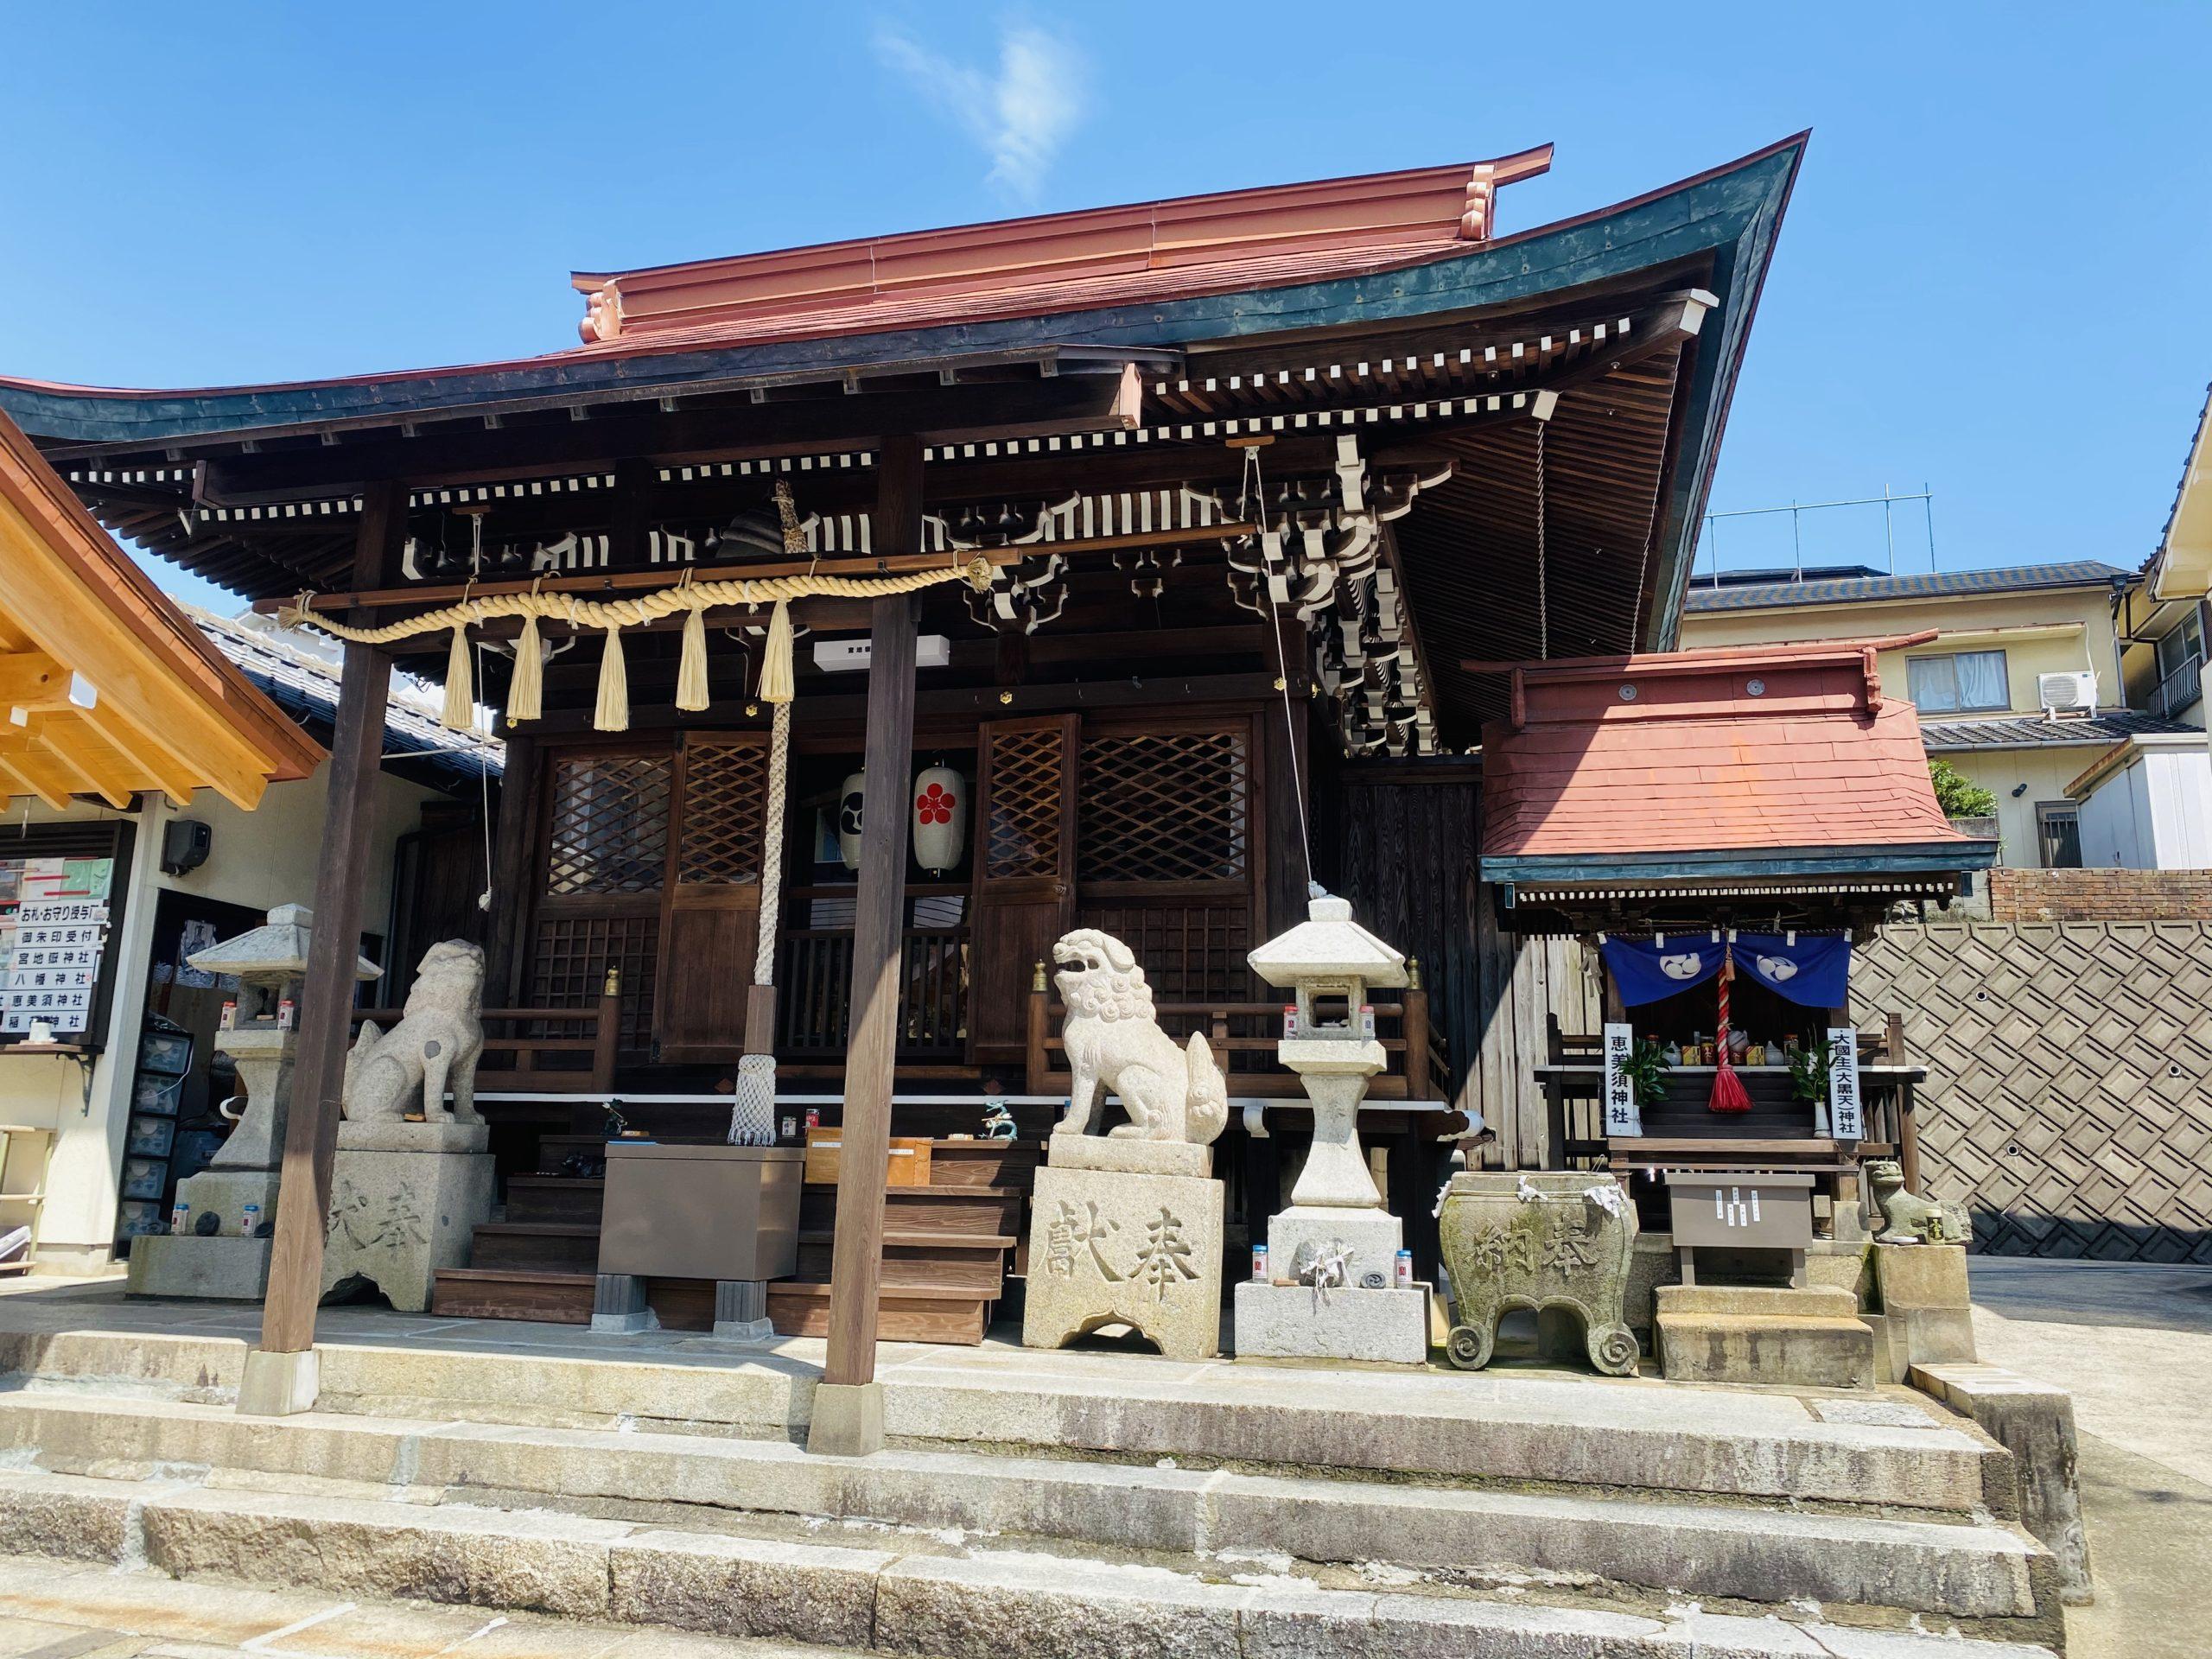 長崎のおしゃれな御朱印♪宮地嶽八幡神社へ御朱印めぐり